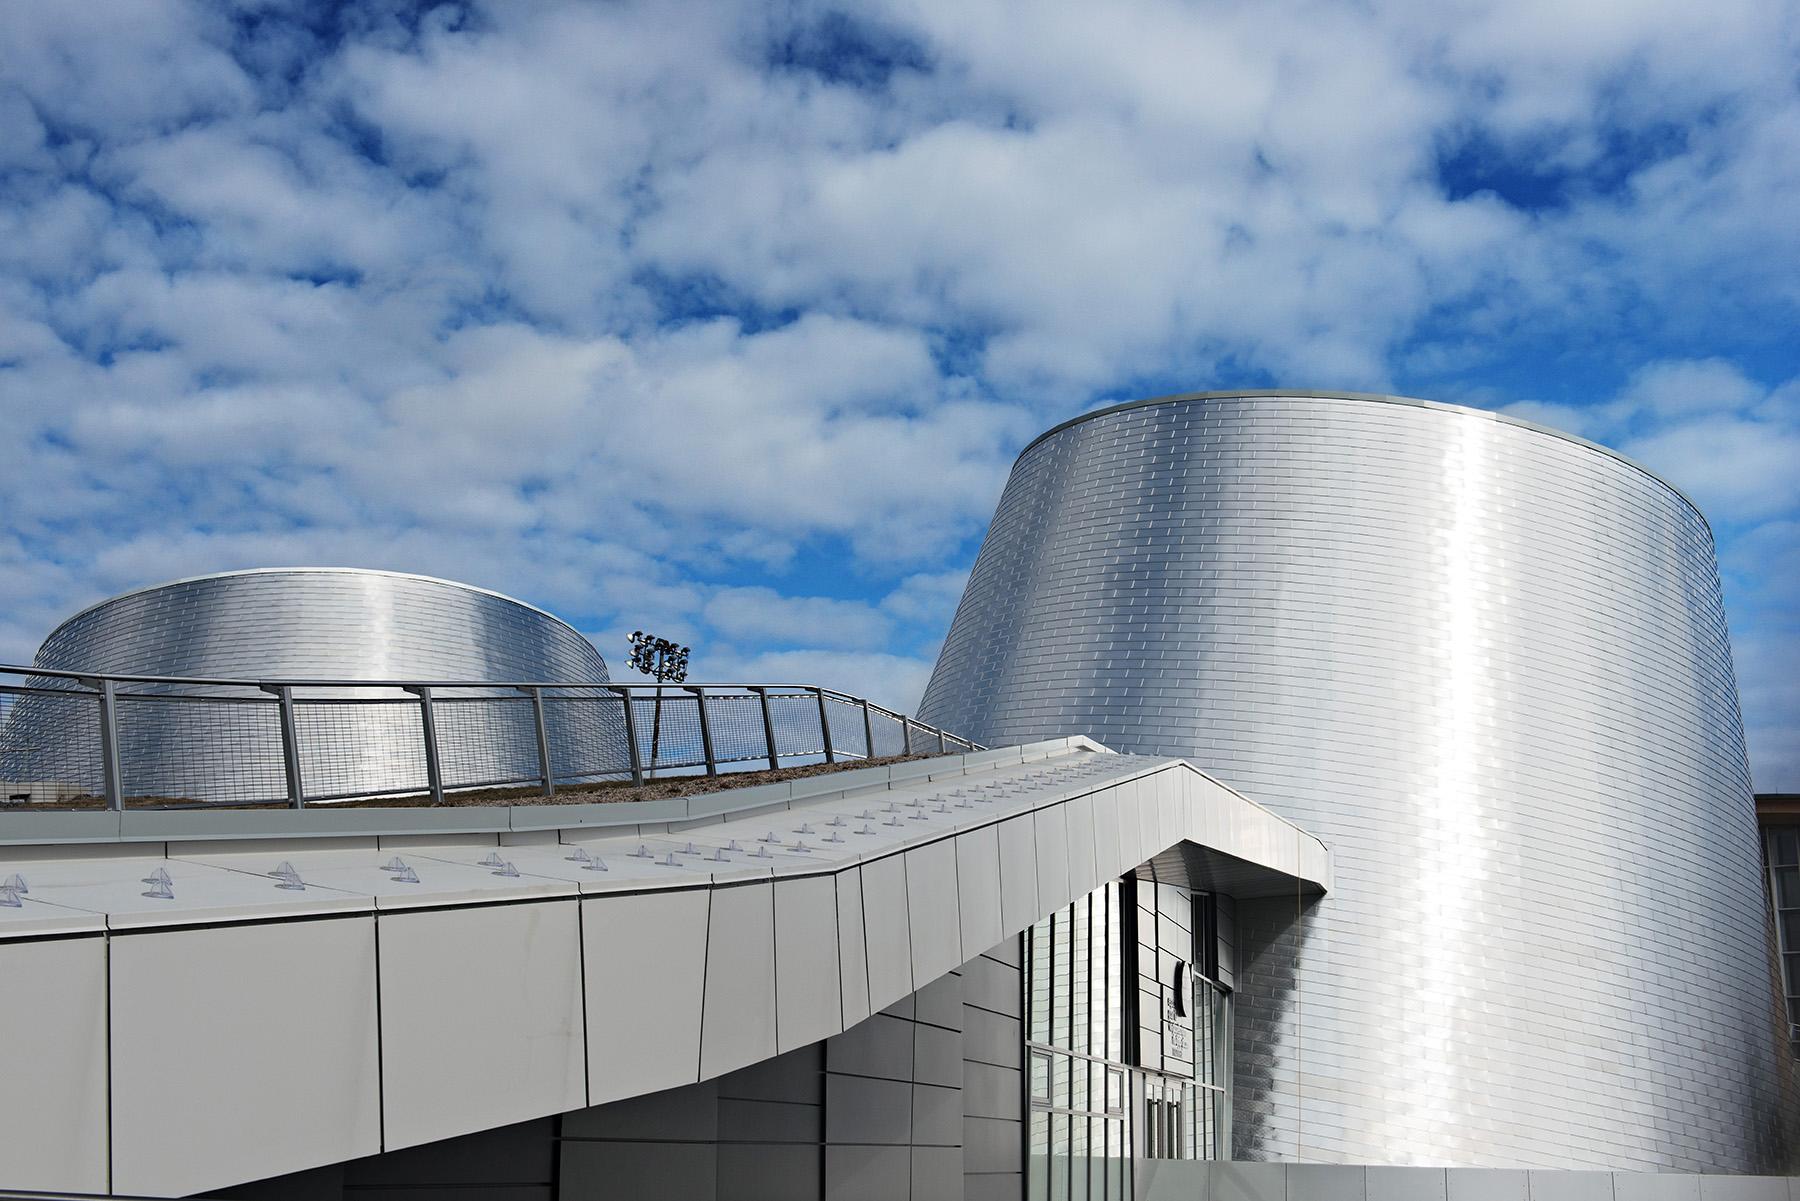 architectural-photography-montreal-planetarium-rio-tinto-alcan-002